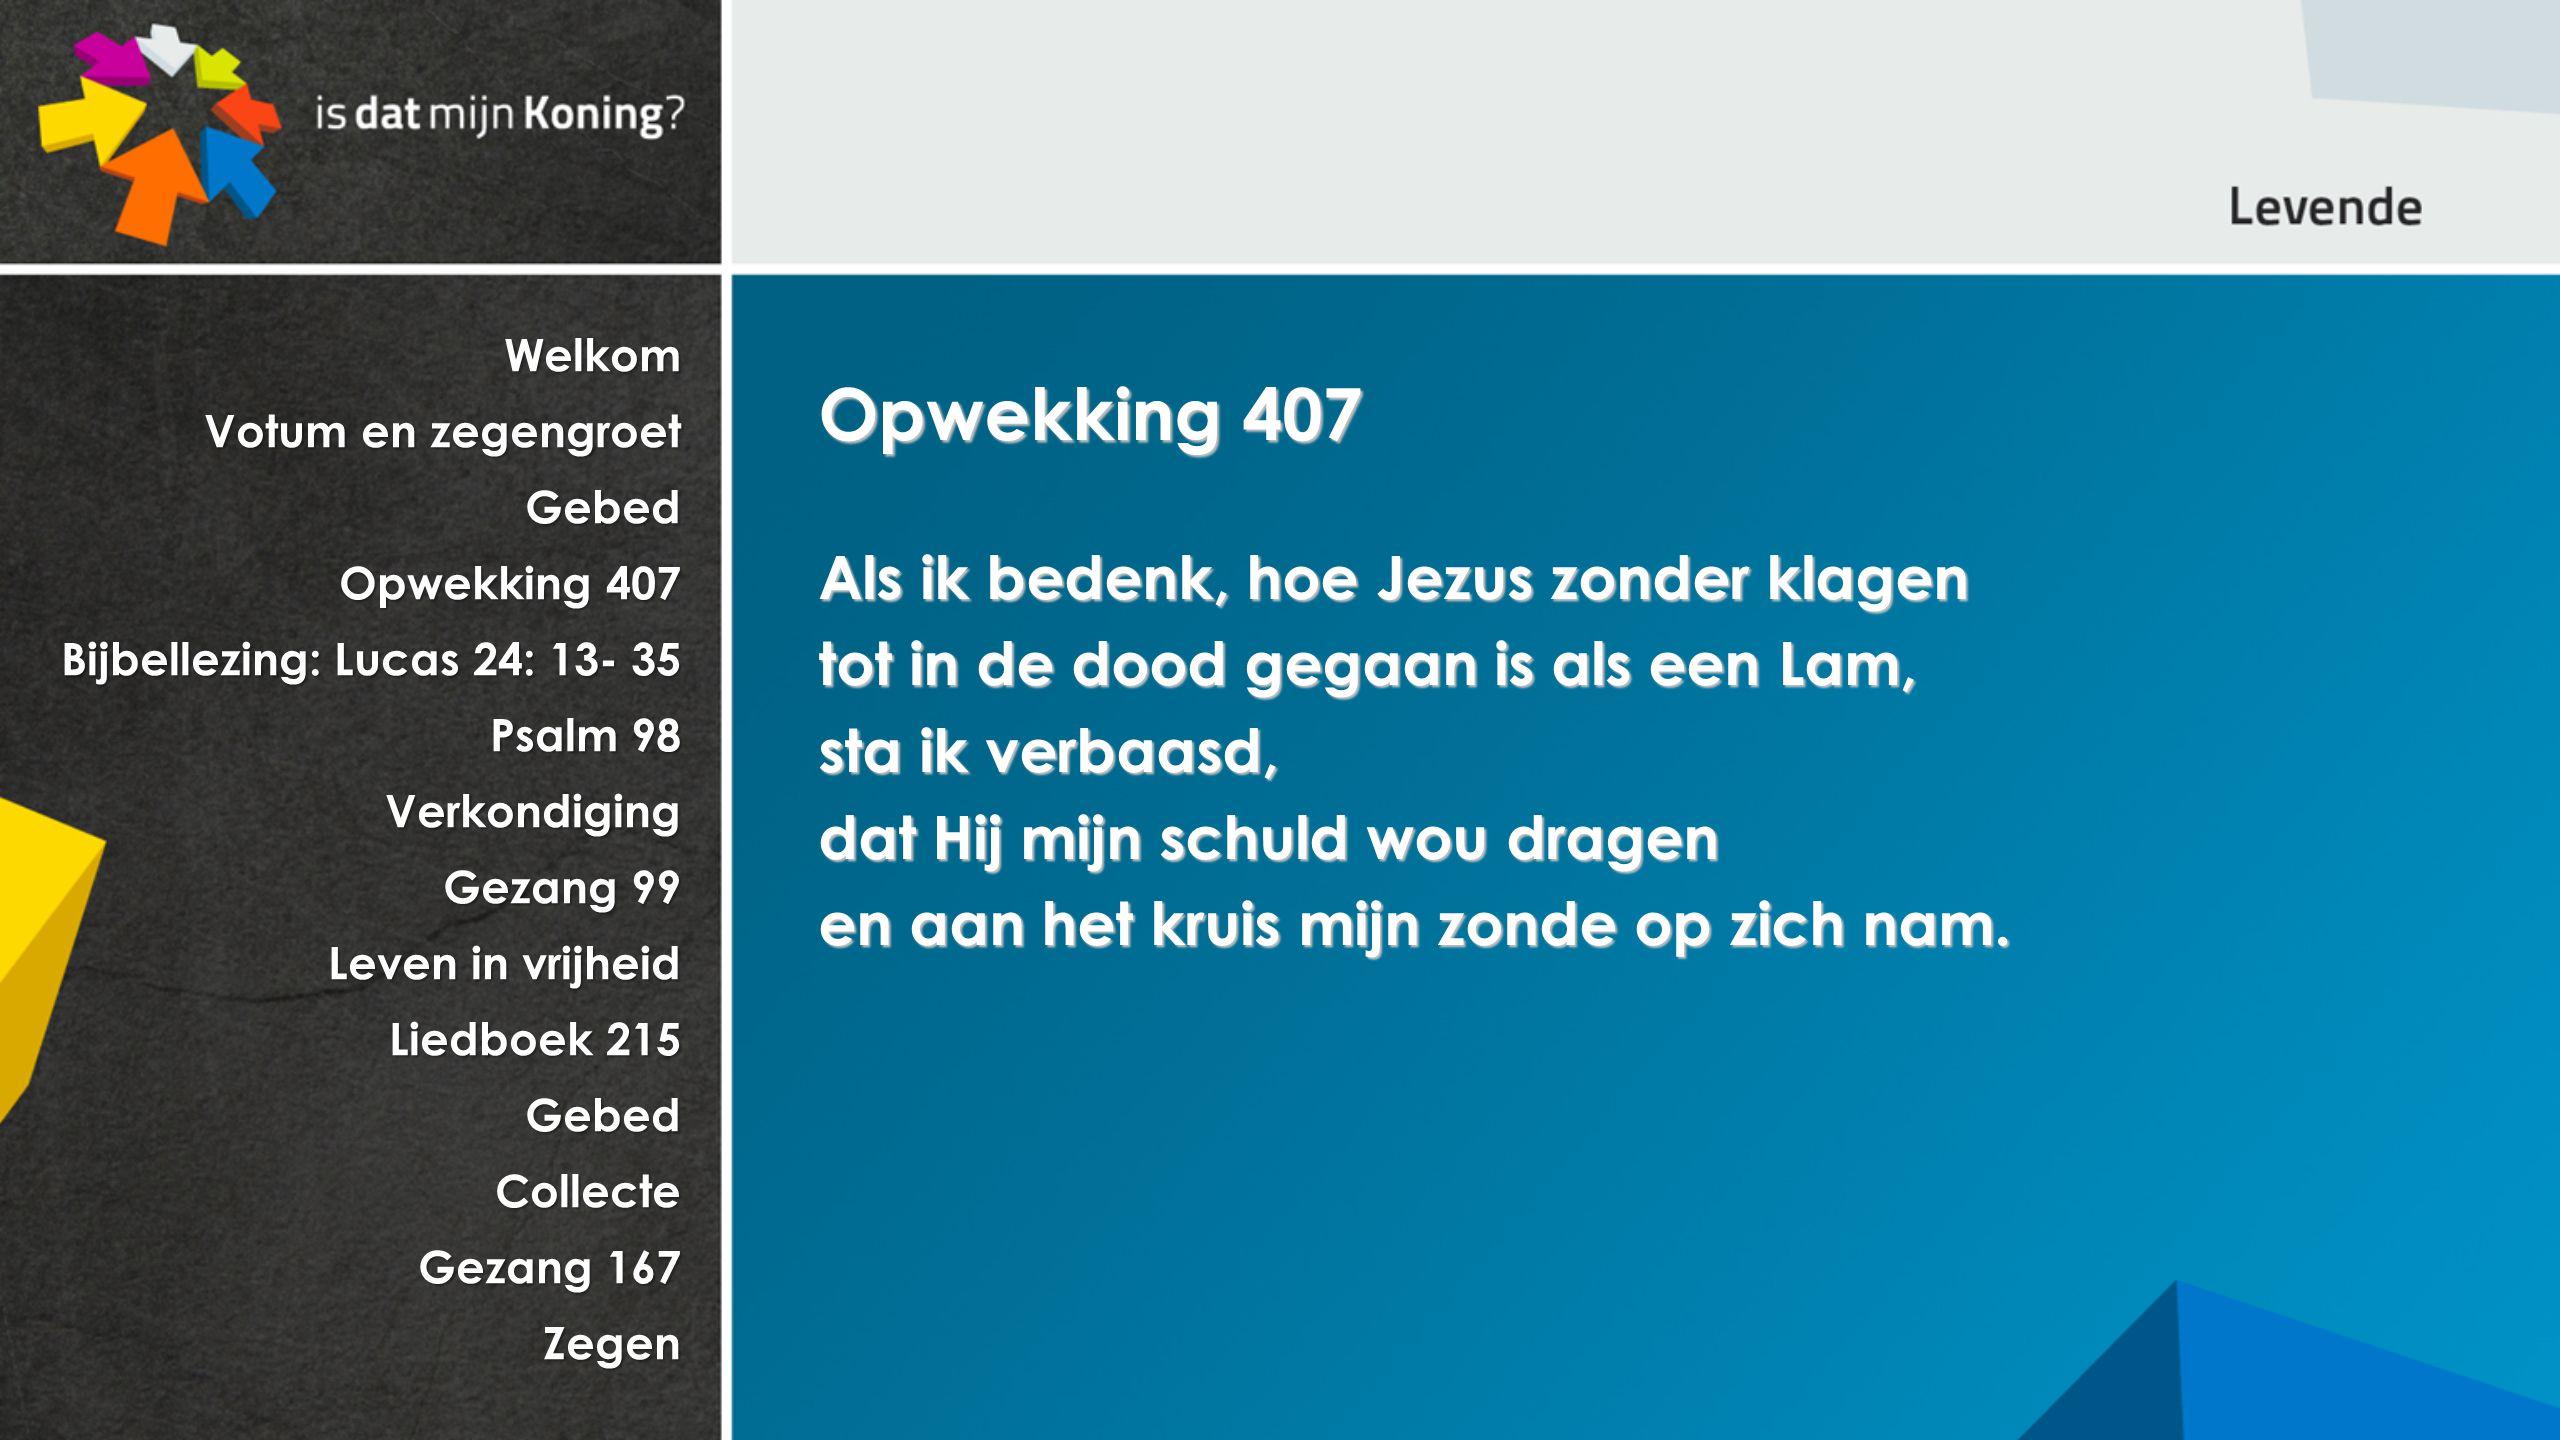 Opwekking 407 Als ik bedenk, hoe Jezus zonder klagen